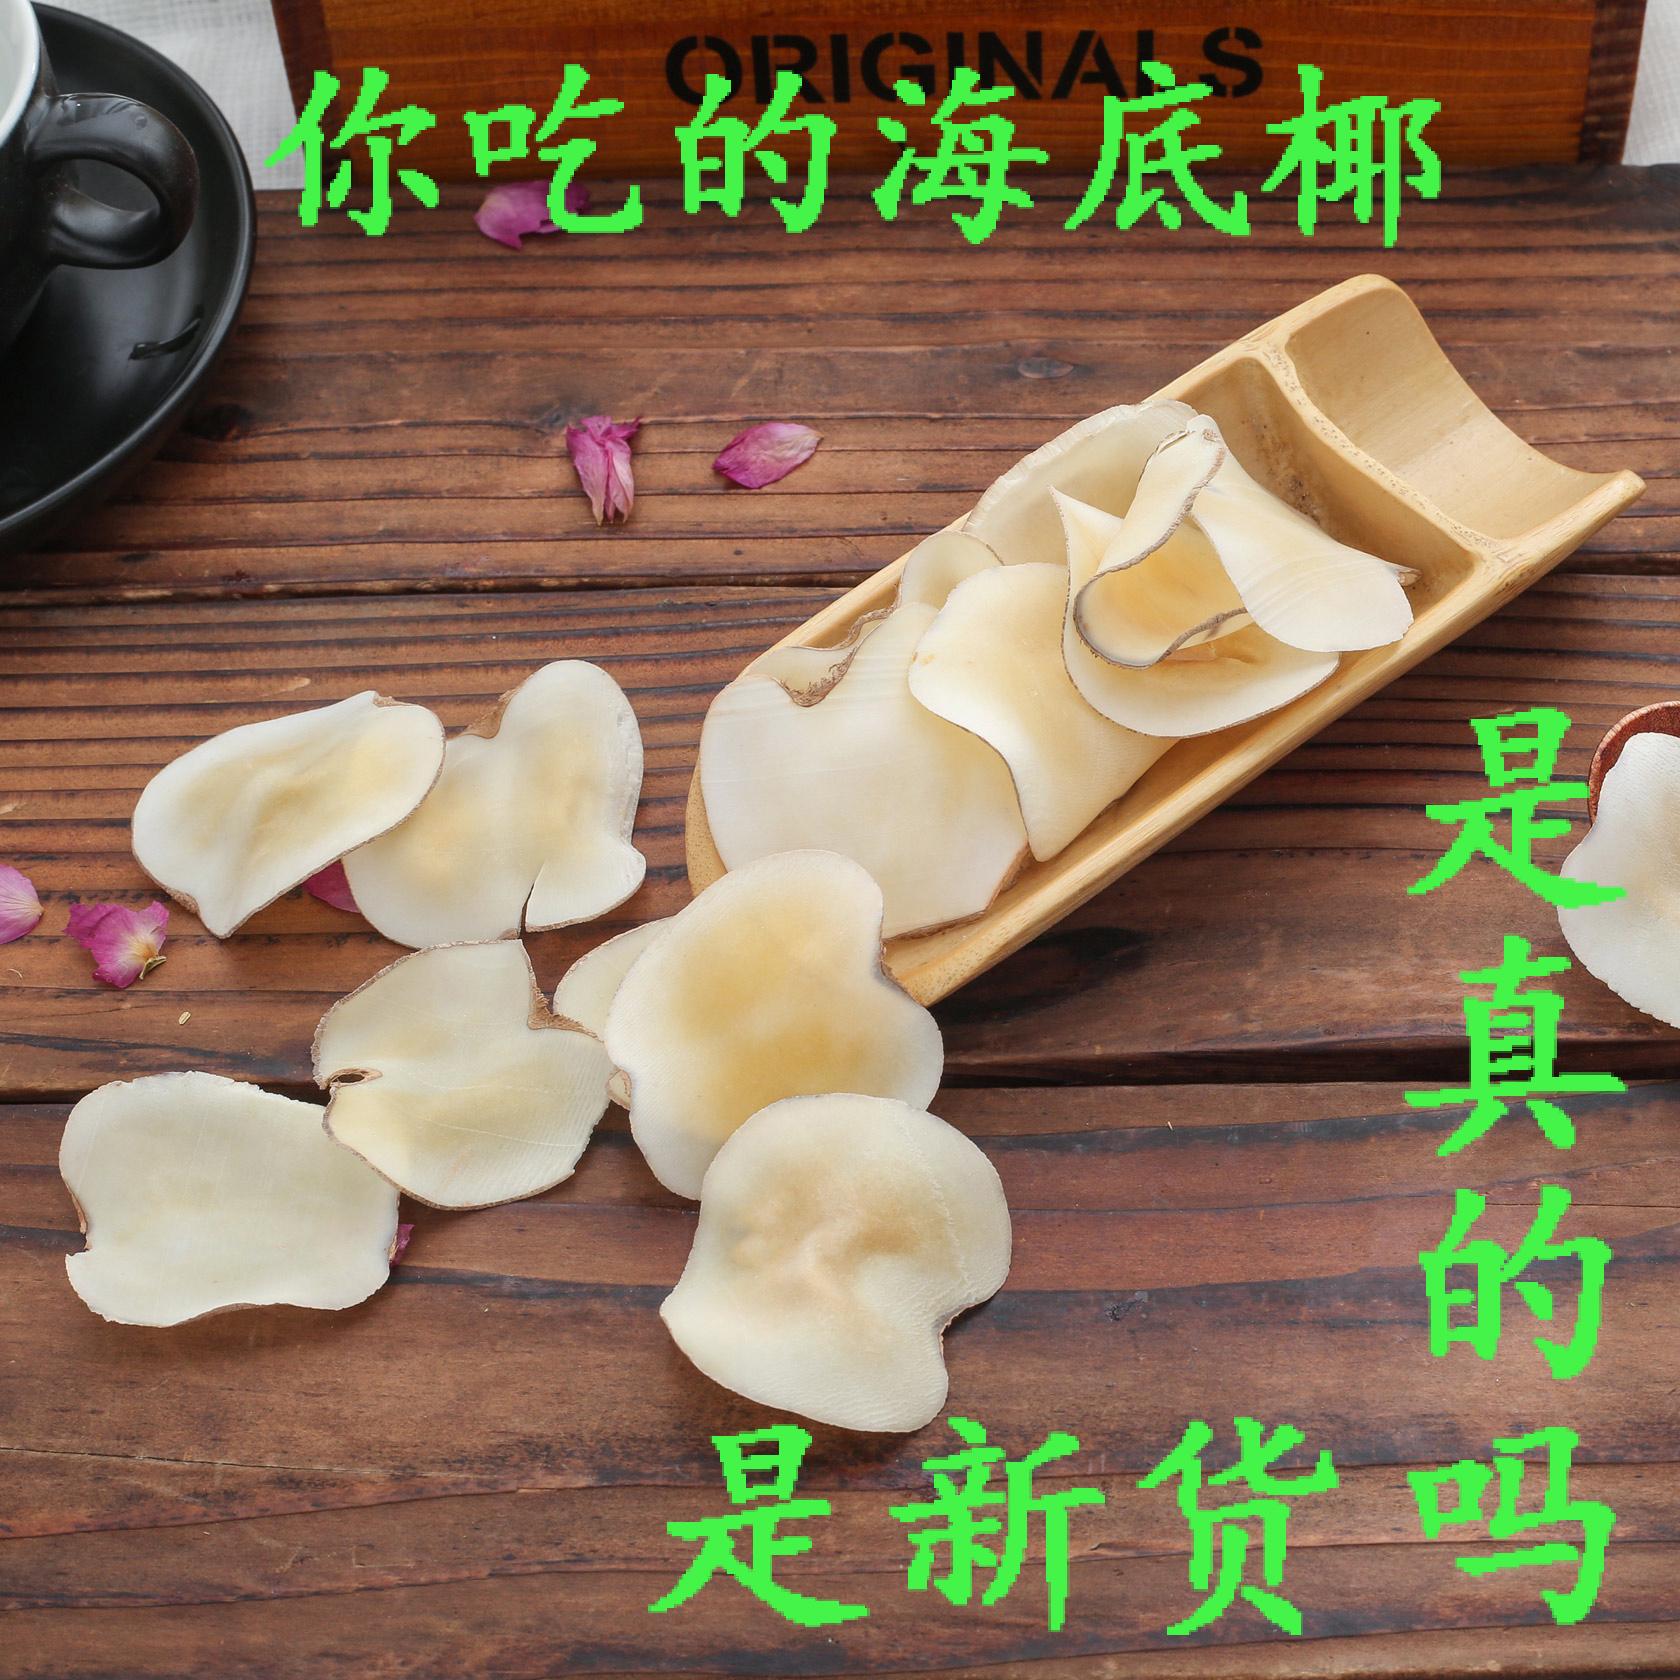 Основной цвет нет сера таиланд морское дно кокос свежий морское дно кокос лист гуандун горшок суп суп материал 18 юань 250g половина веса